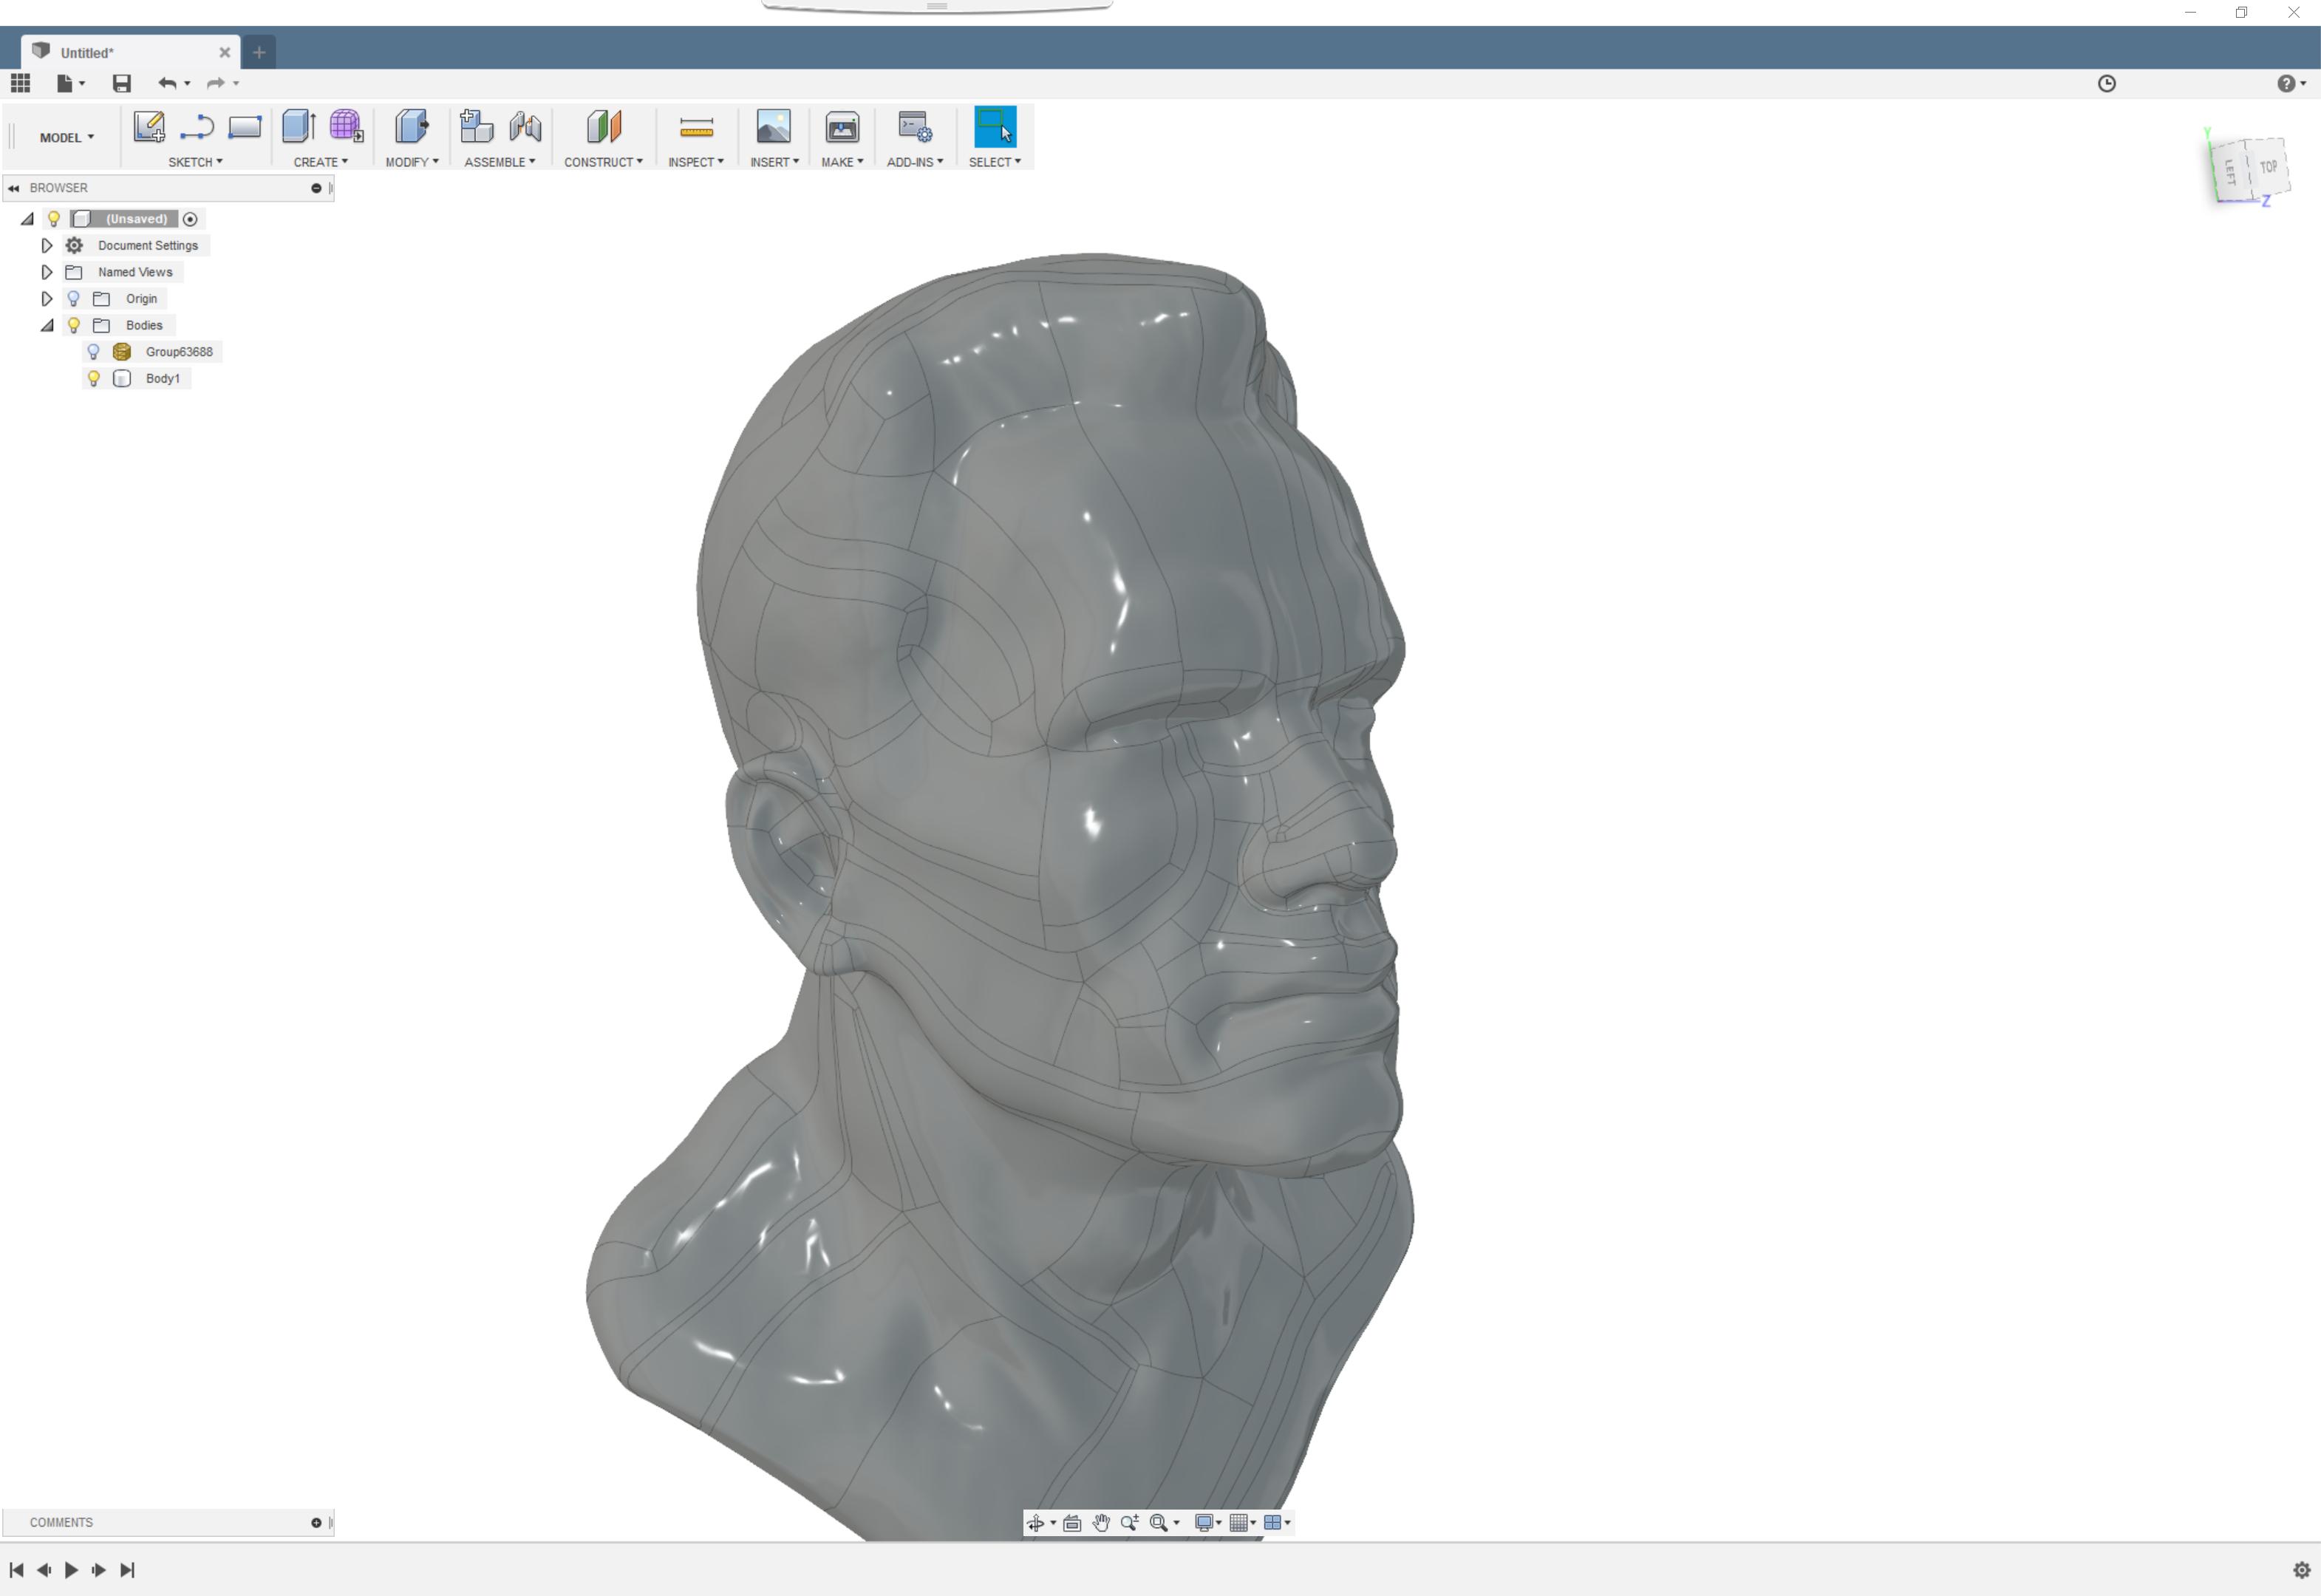 施瓦辛格半身3D扫描图像【step】.rar